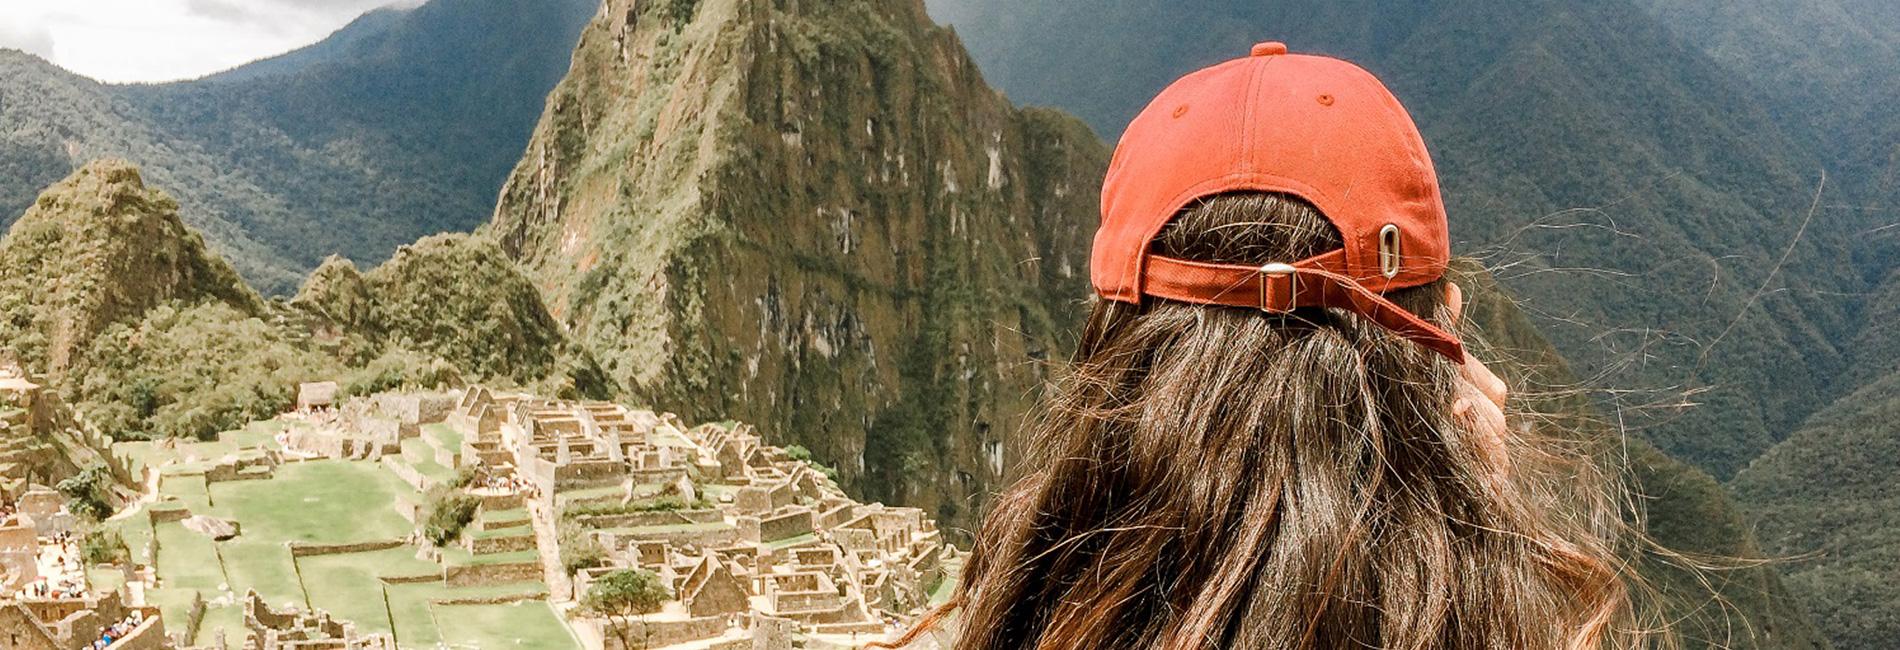 Viajar a Machu Picchu: rutas, recomendaciones, presupuesto